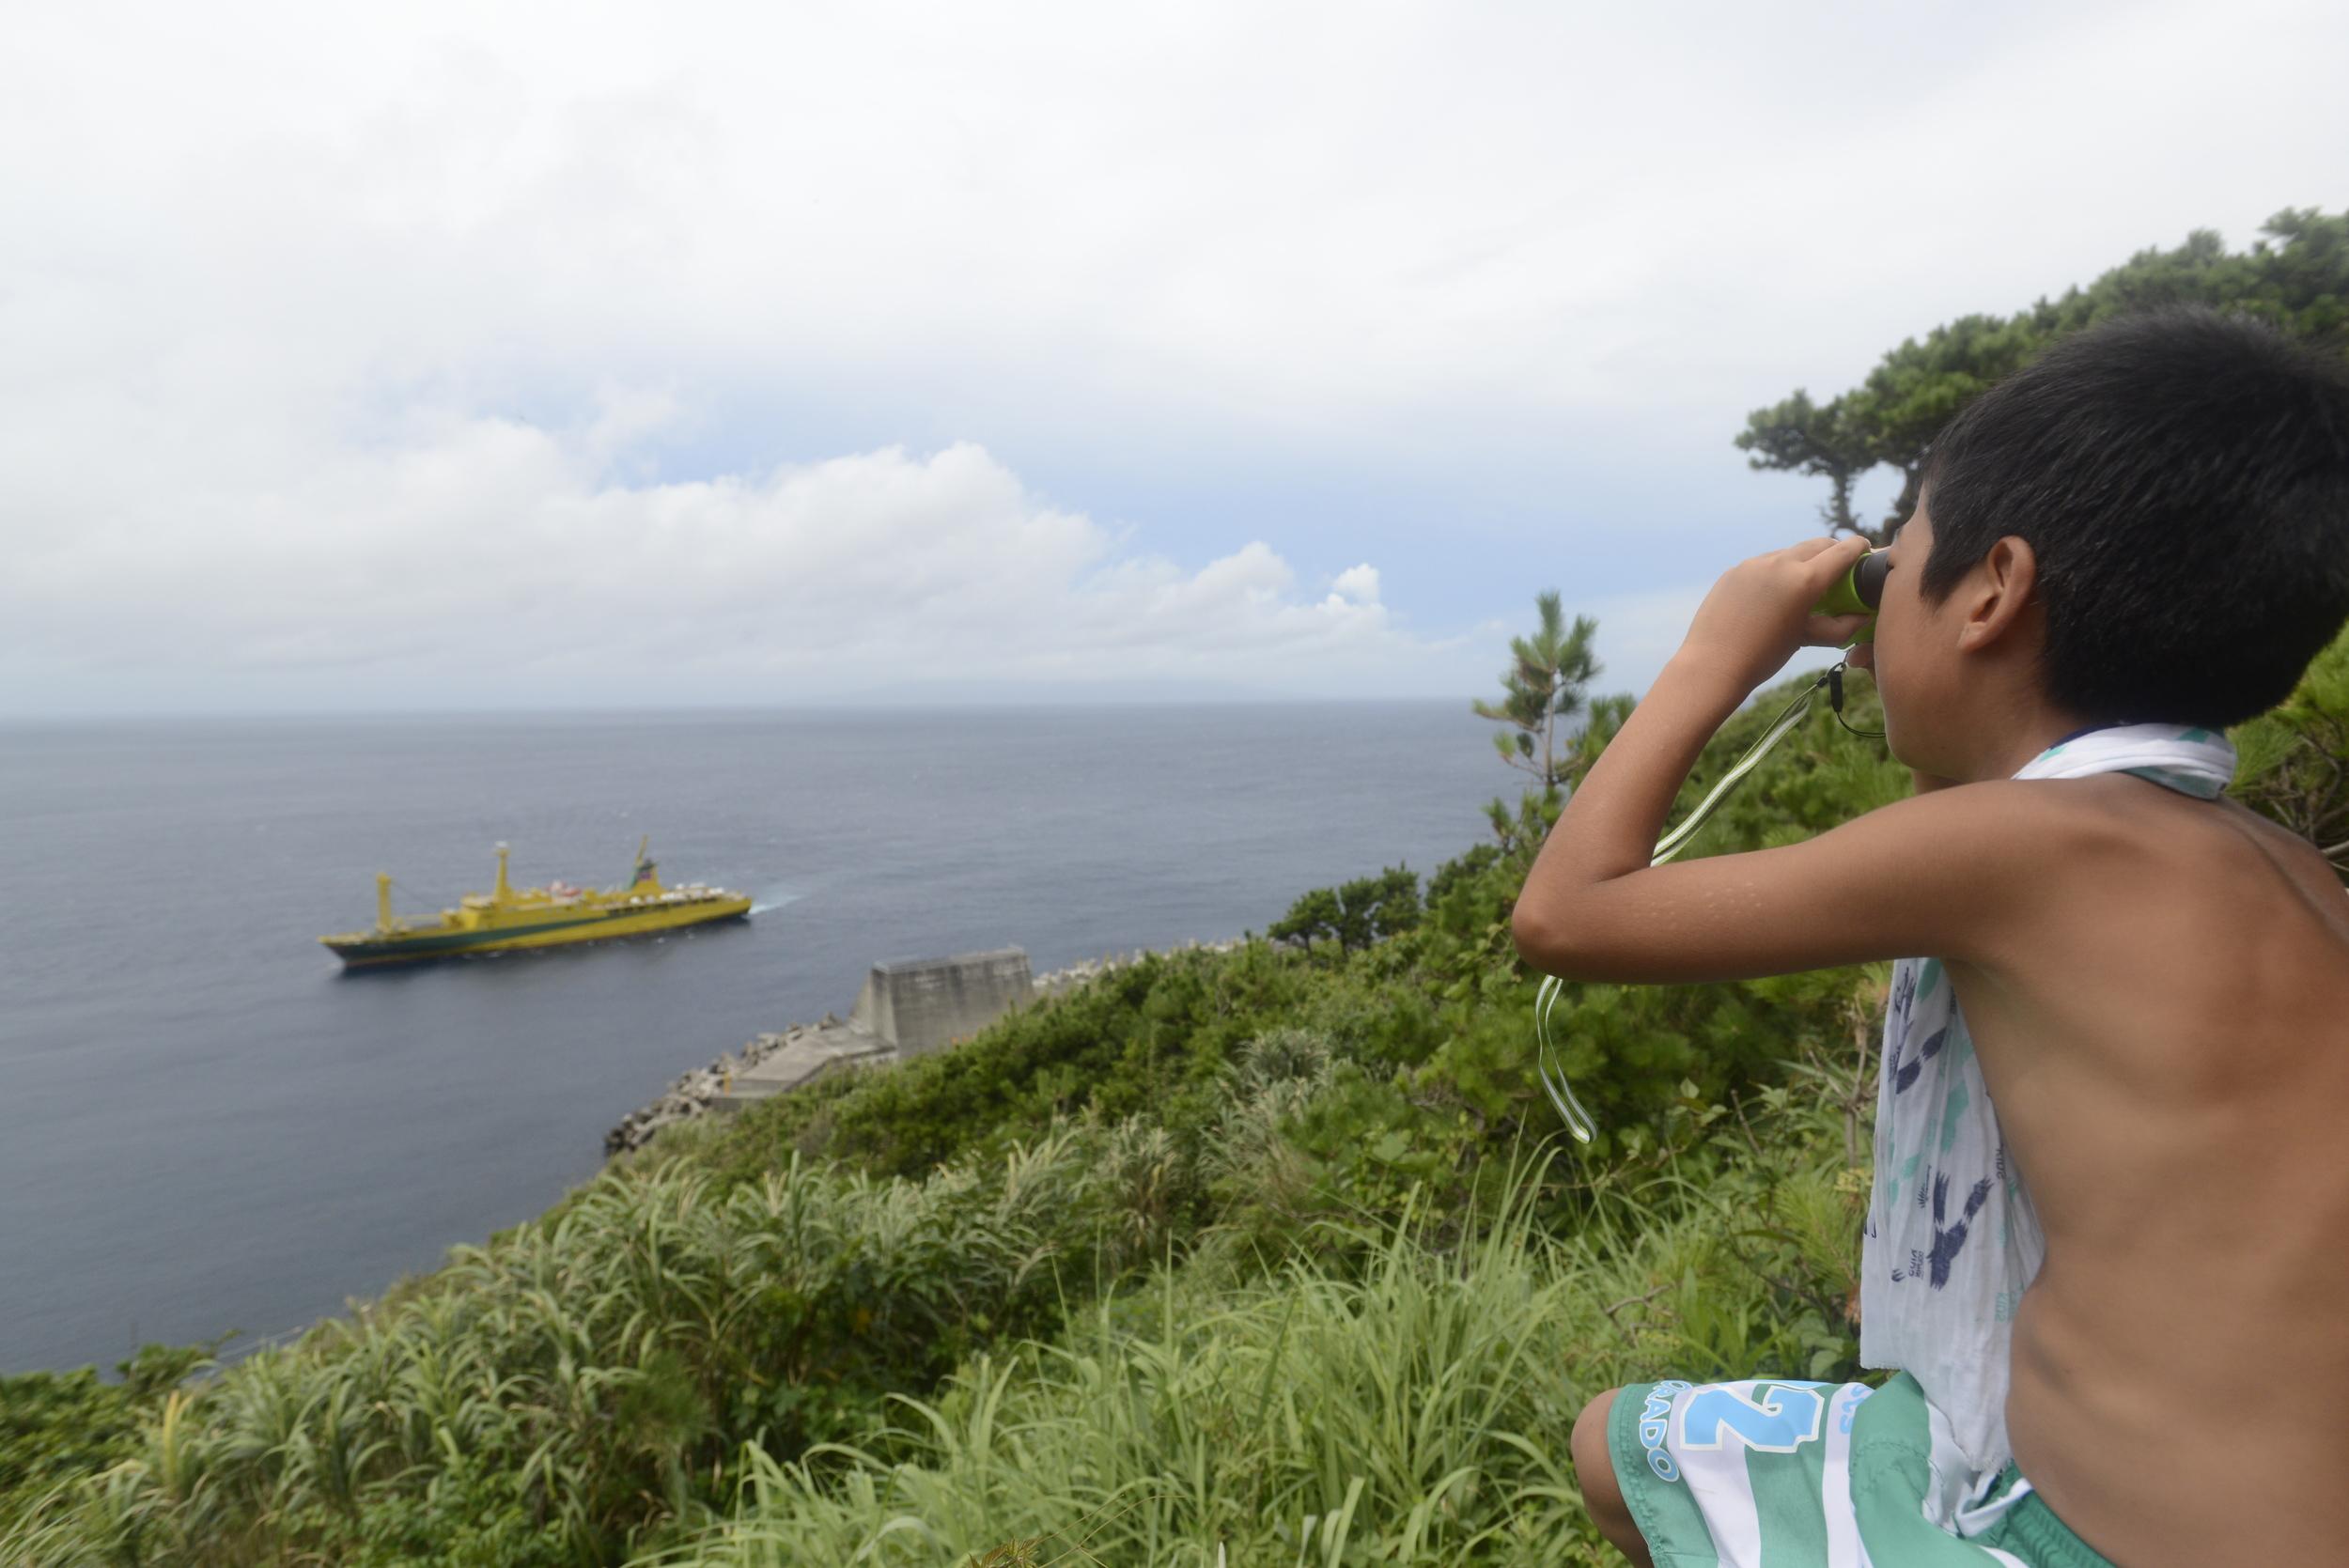 株式会社ビクセン  様より  アリーナHシリーズ  の双眼鏡!毎日の船&イルカチェックには必需品でした!